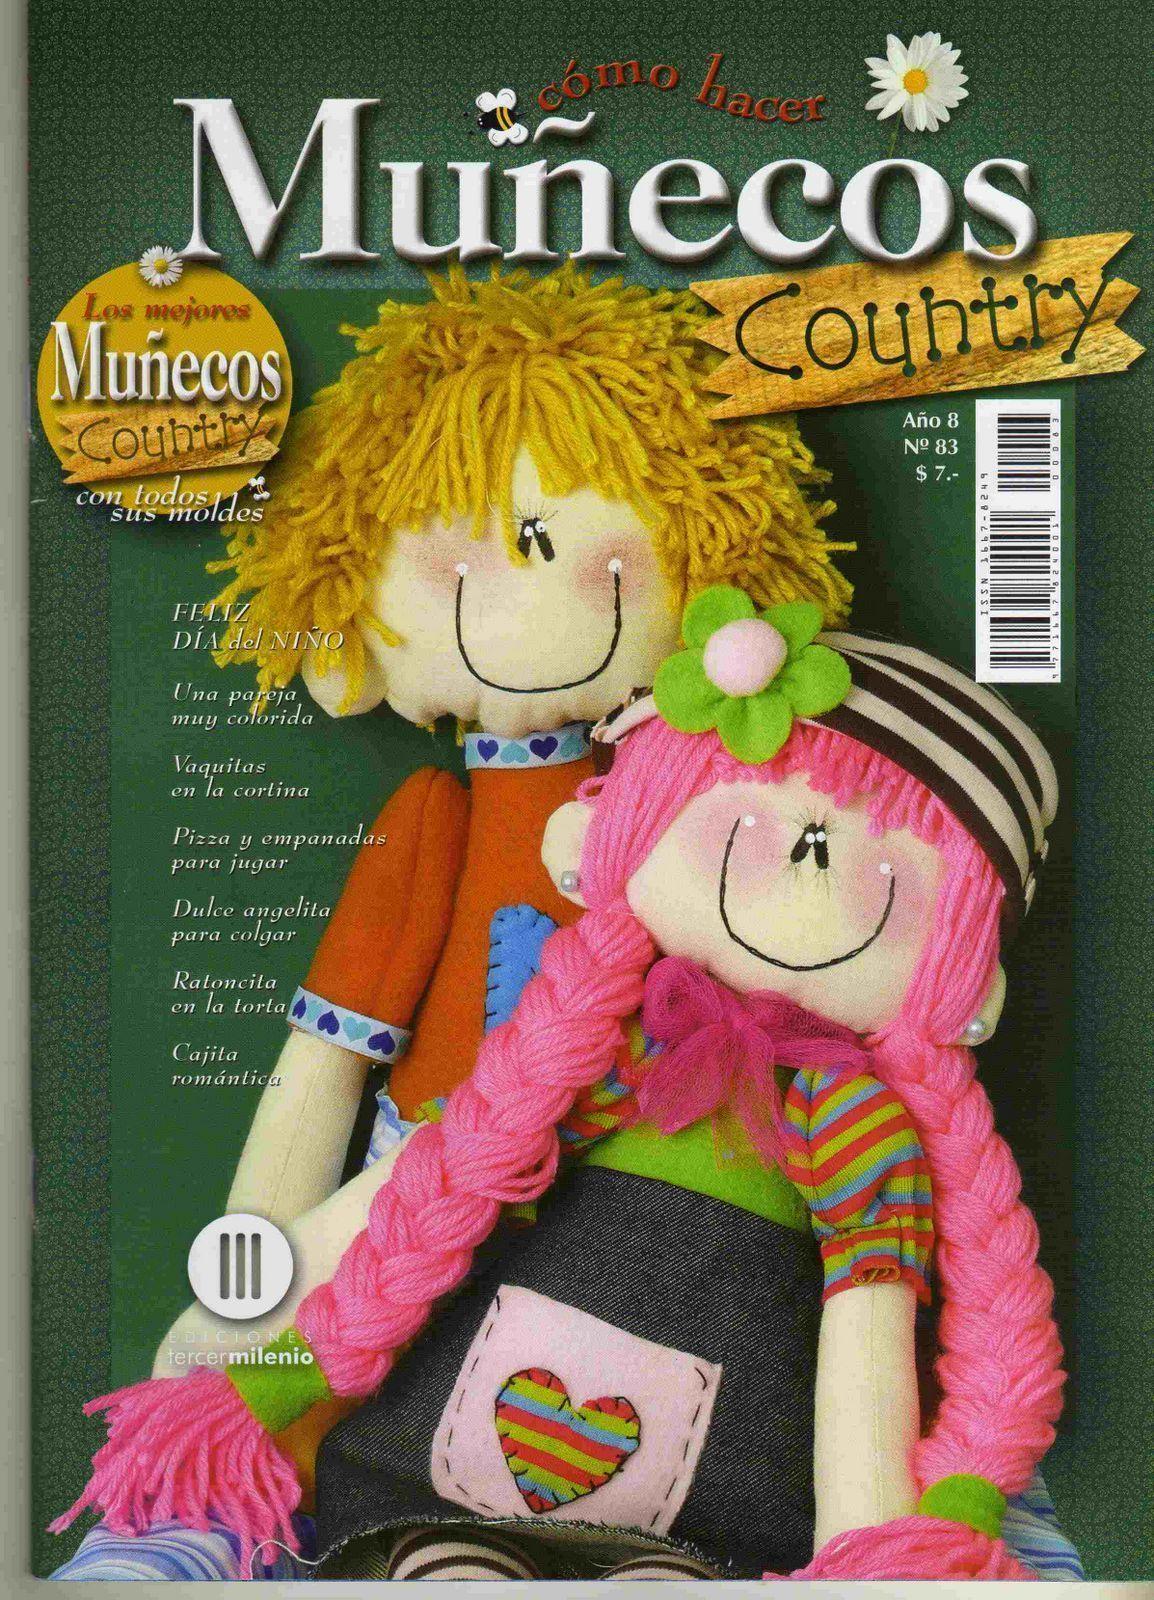 Revista de muñecos Country - Patrones gratis